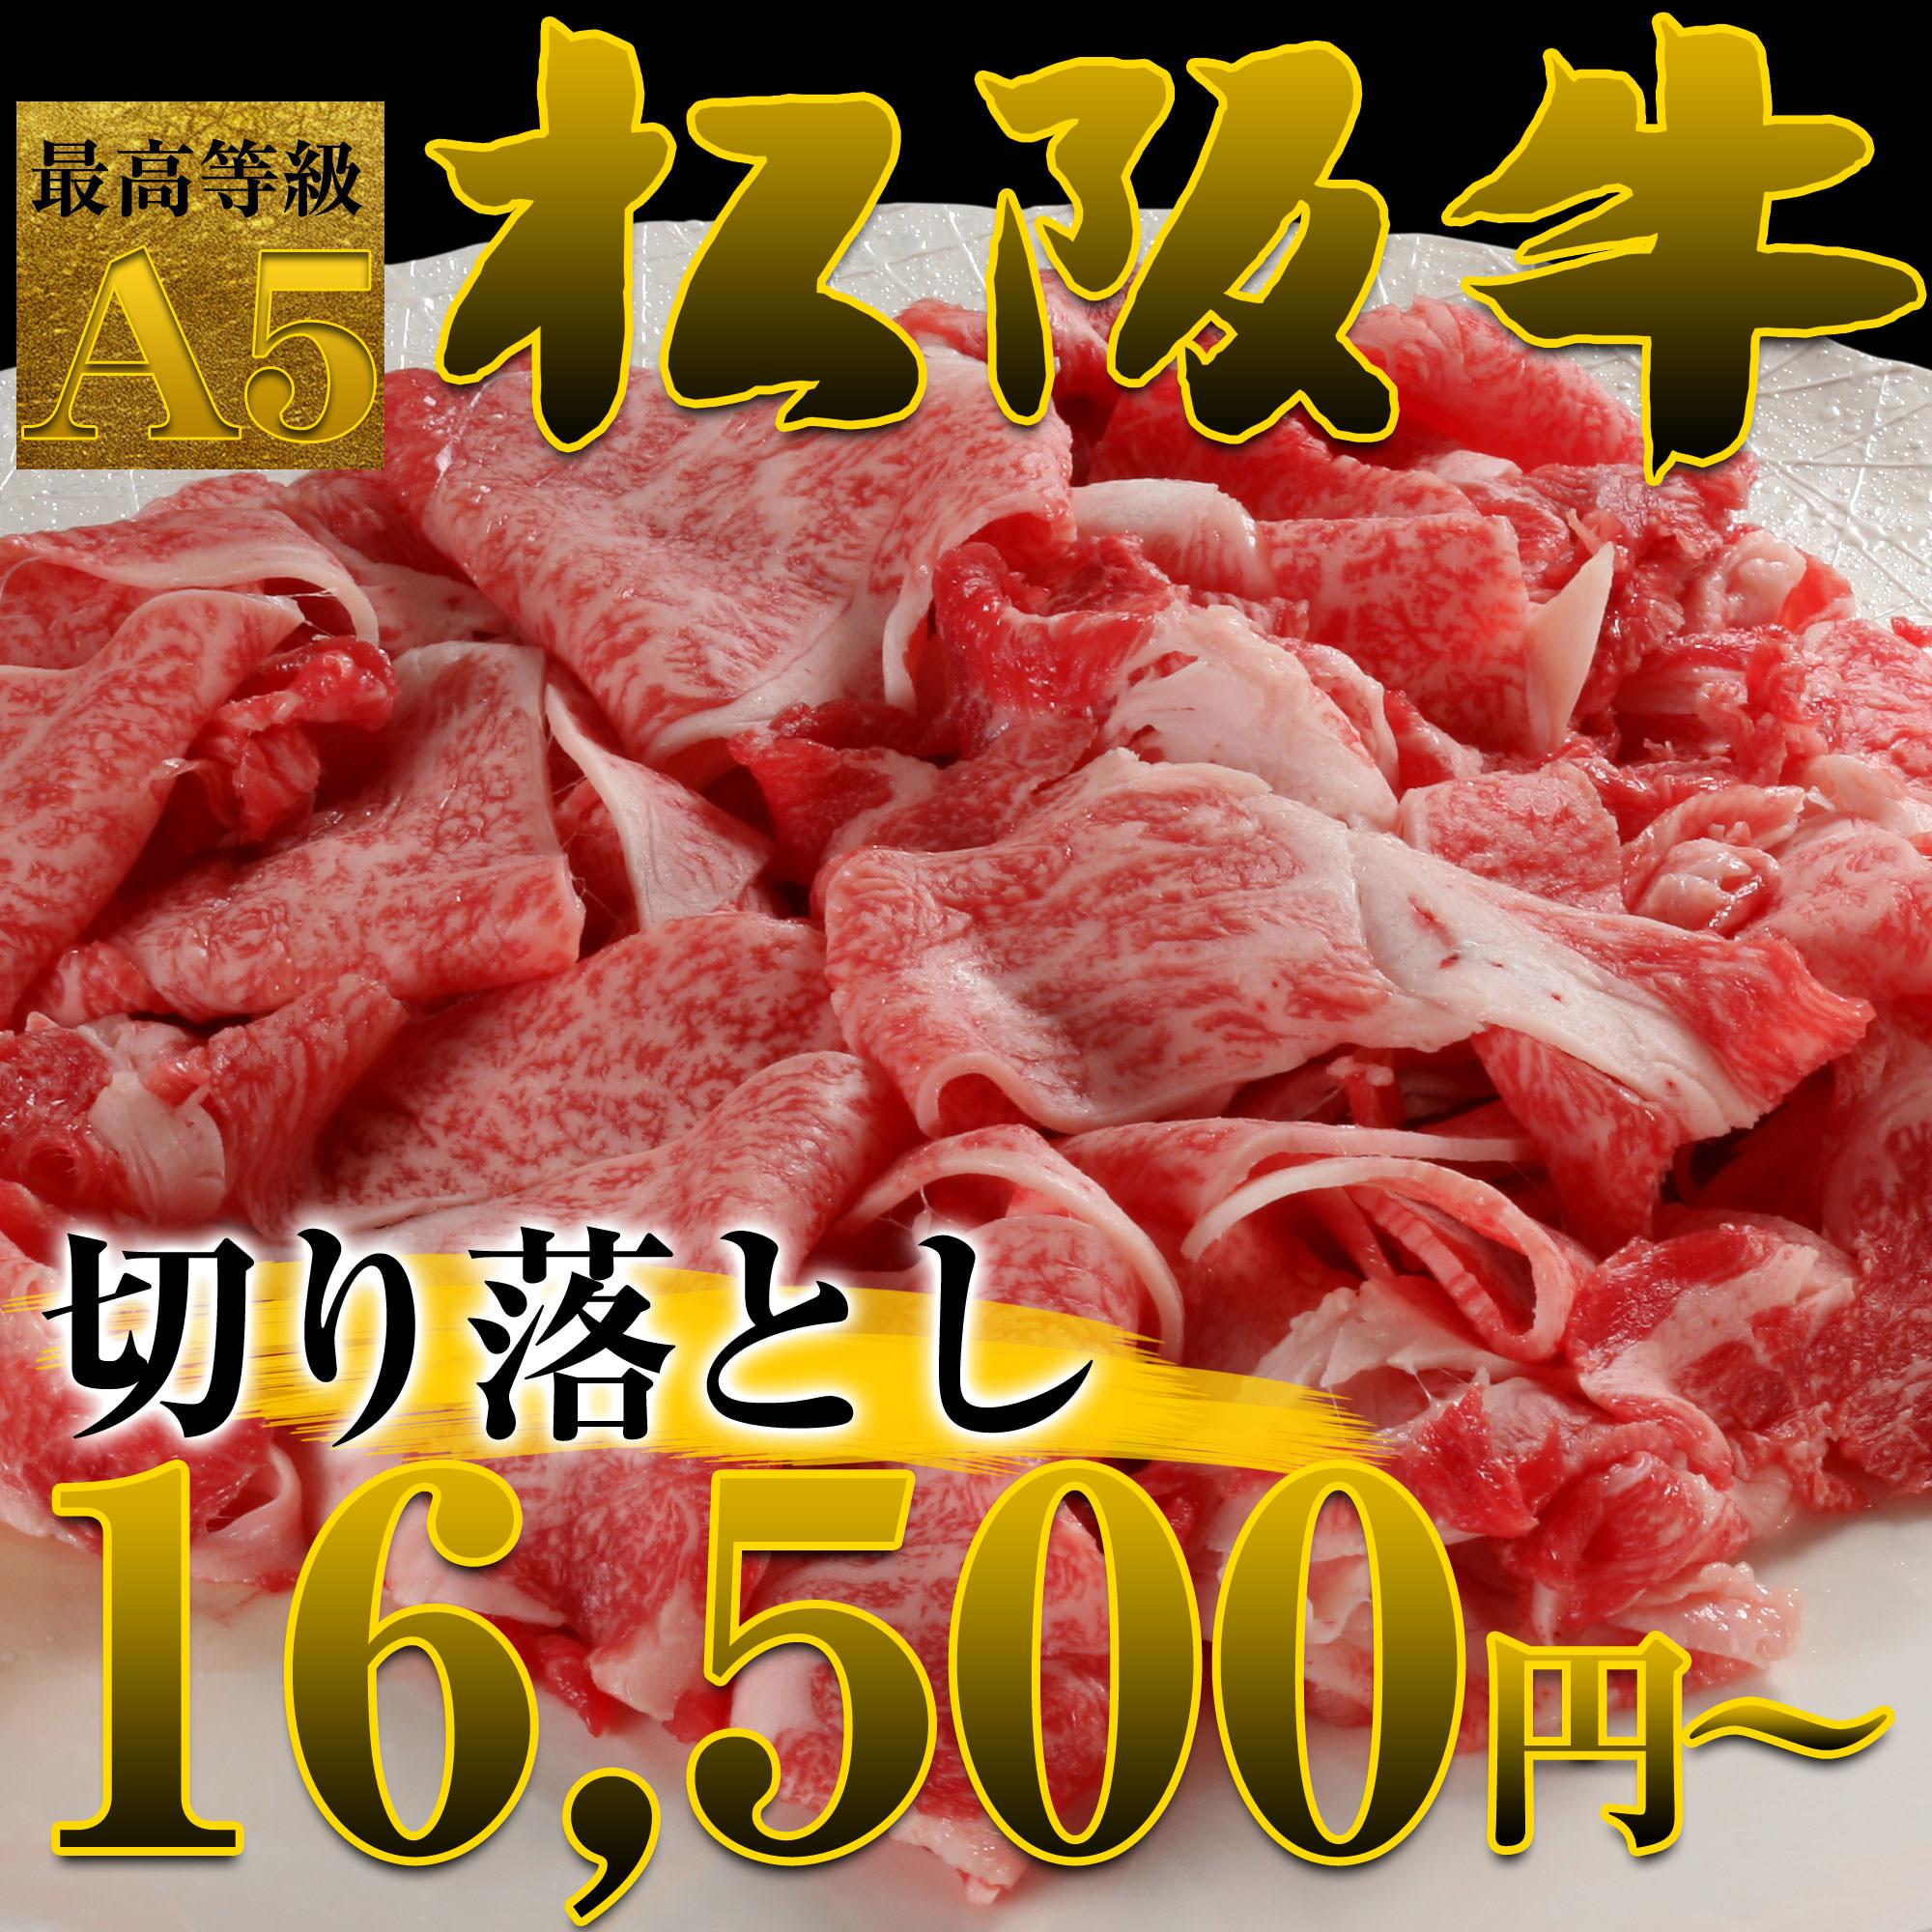 松阪牛切り落とし 750g(6〜9人前)